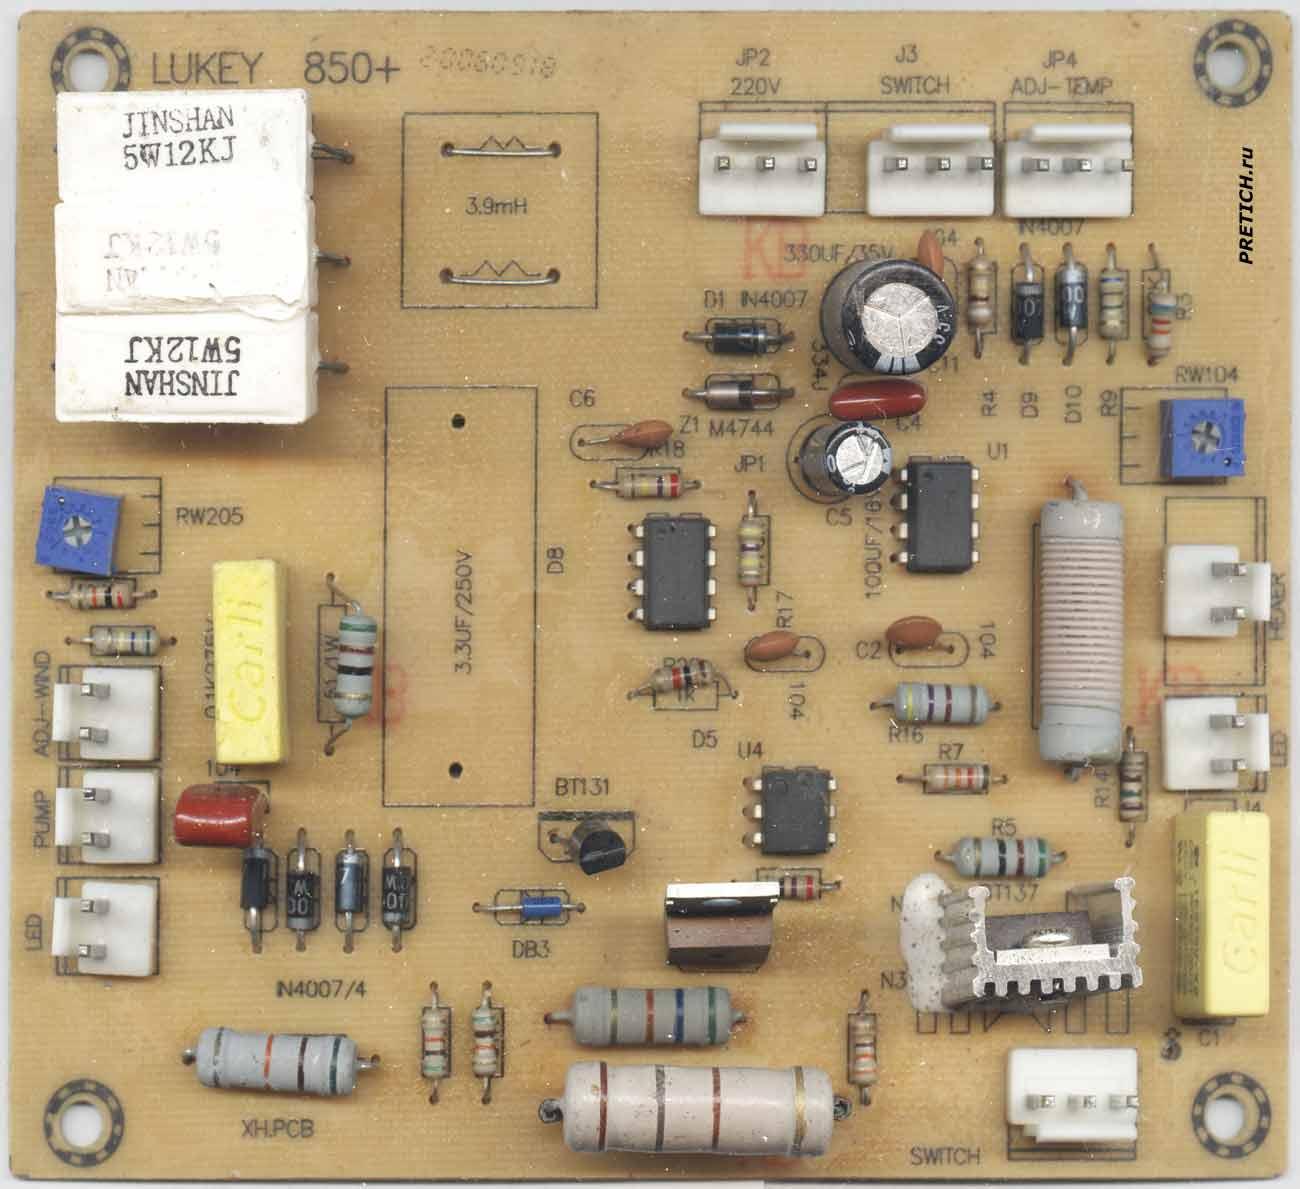 Lukey - 850 фен, аналоговая регулировка, светодиодная